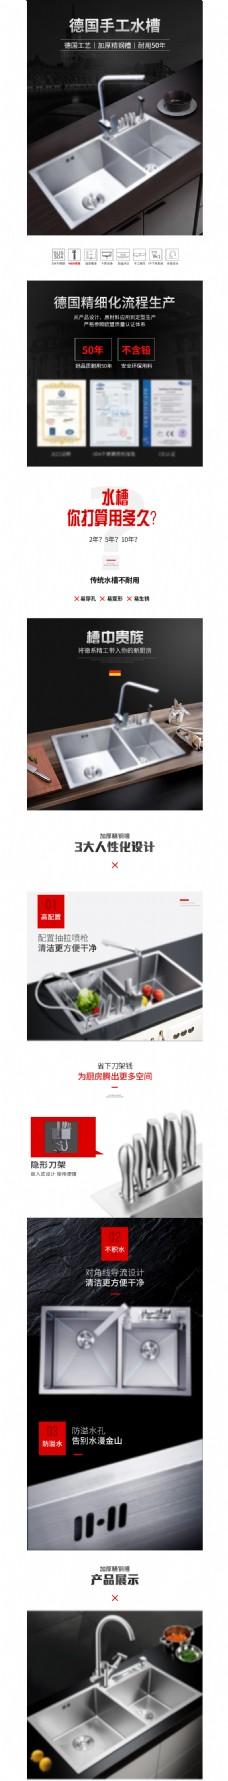 厨卫手工水槽双槽电商淘宝详情页模板PSD